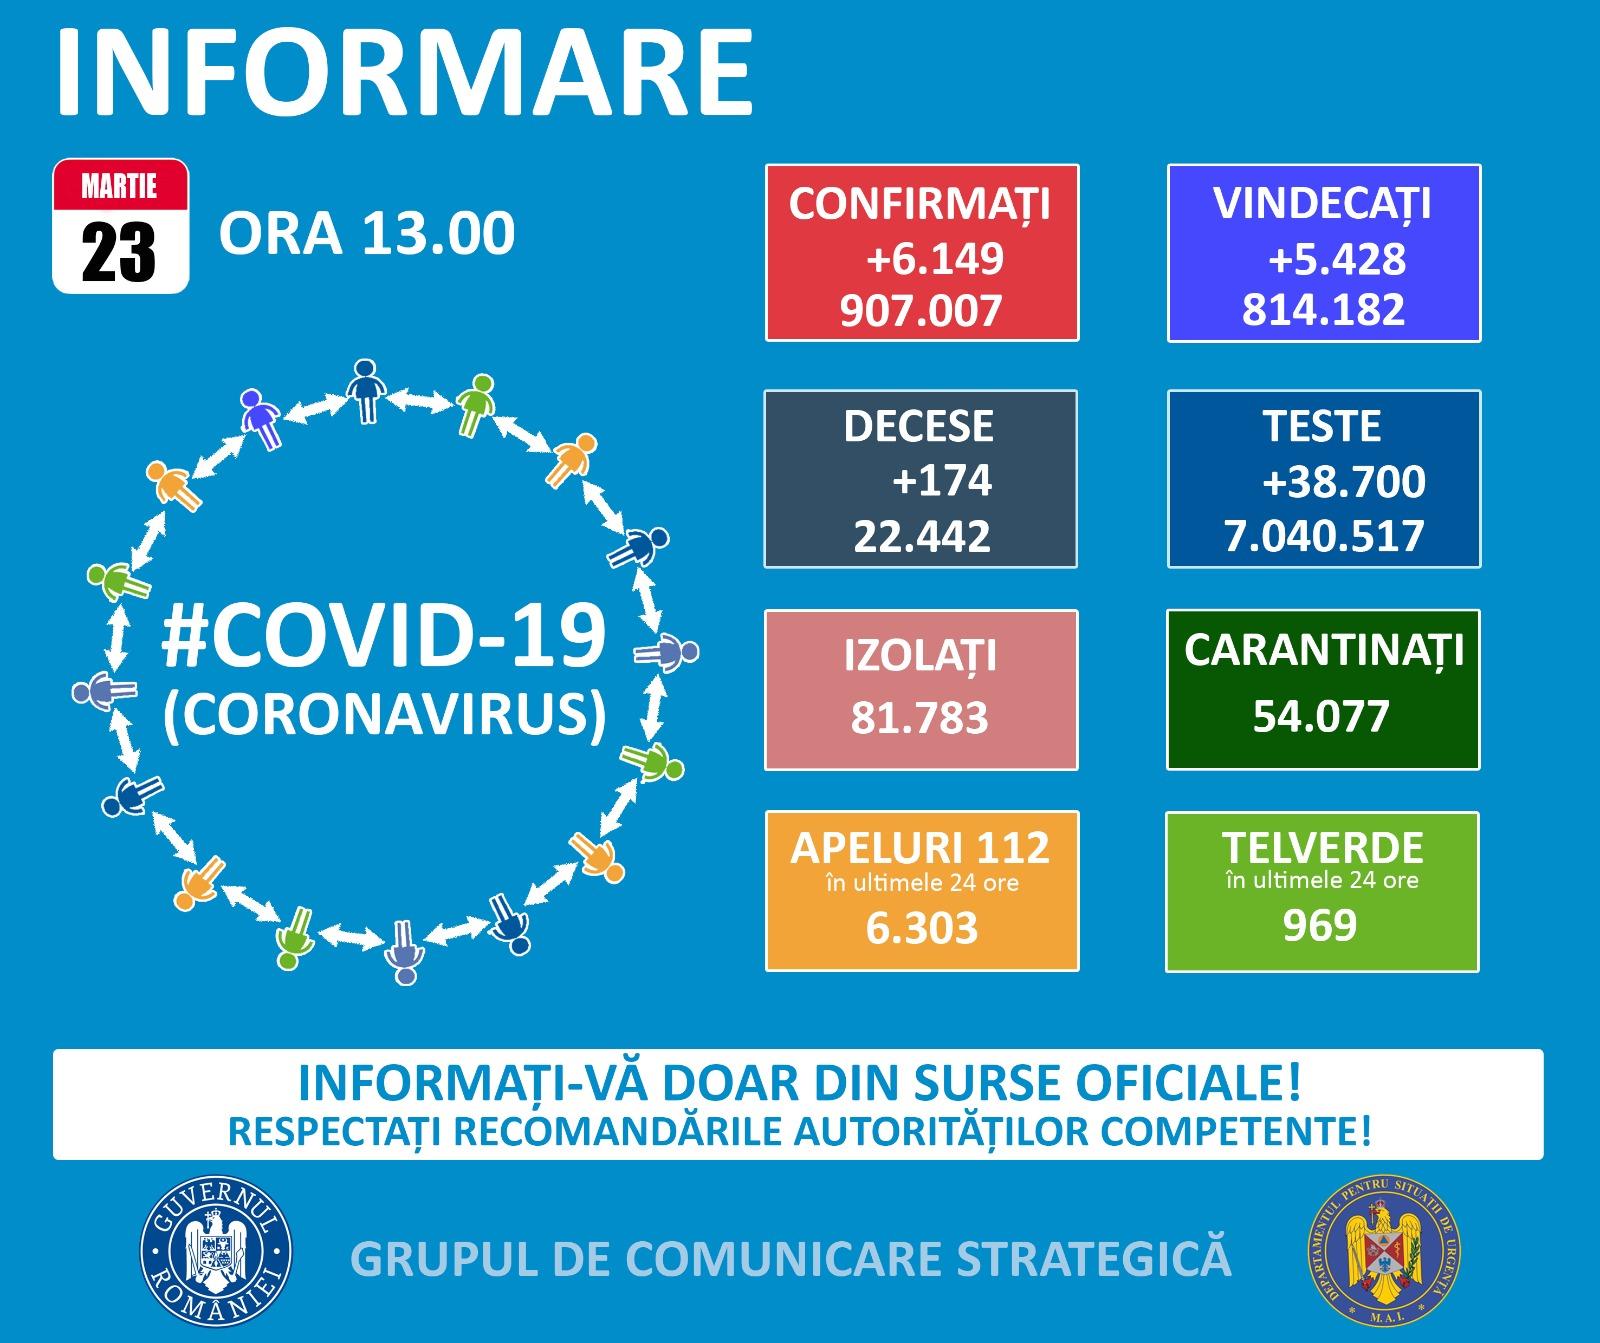 Informare COVID-19, 24 martie 2021